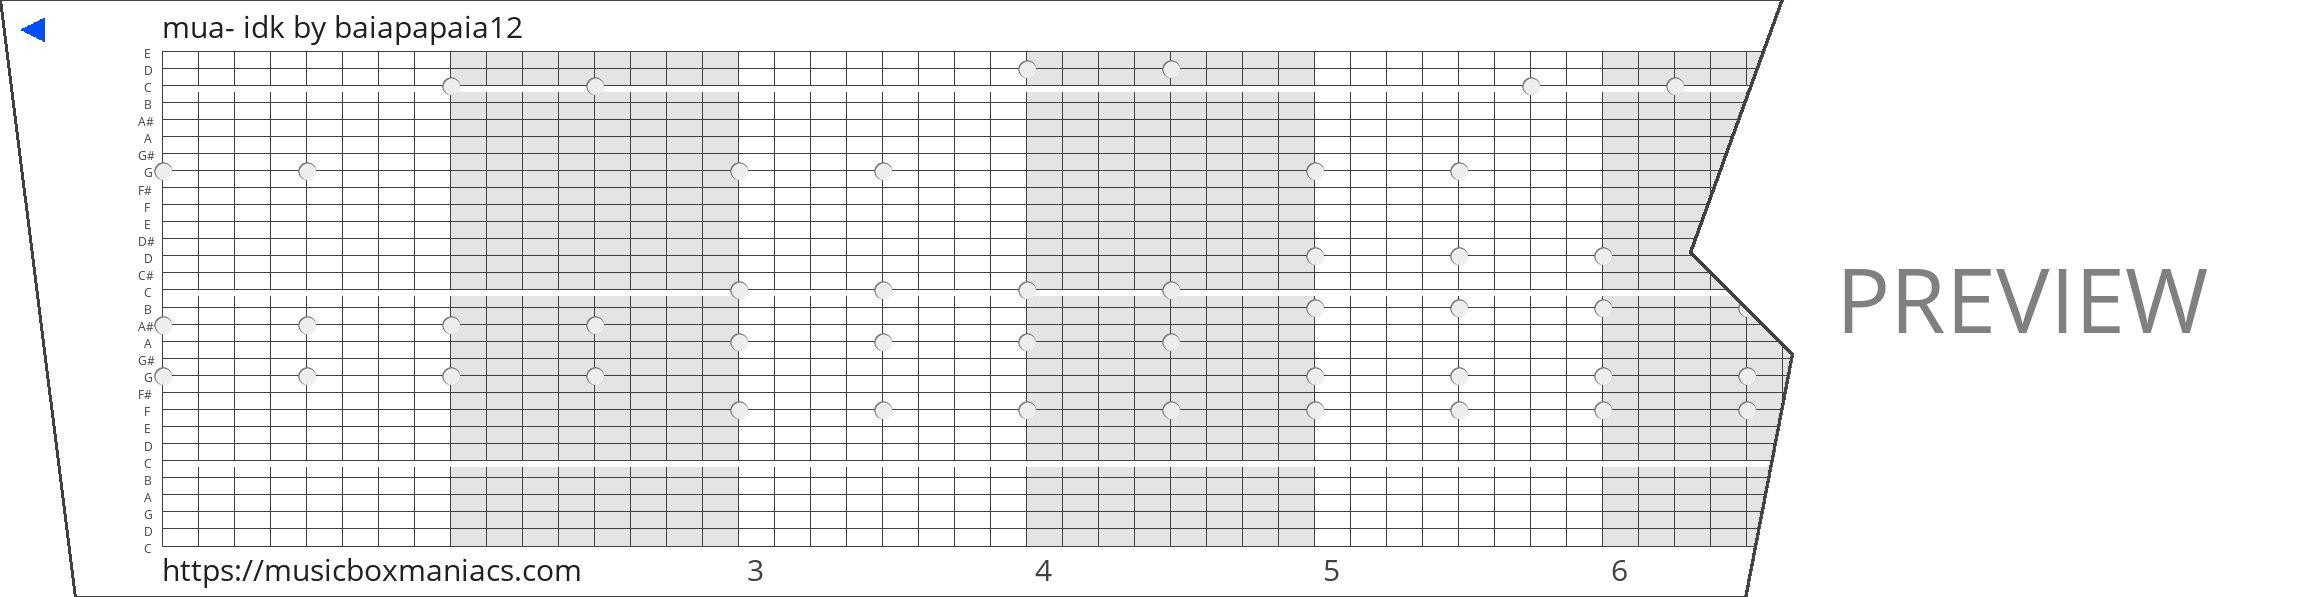 mua- idk 30 note music box paper strip